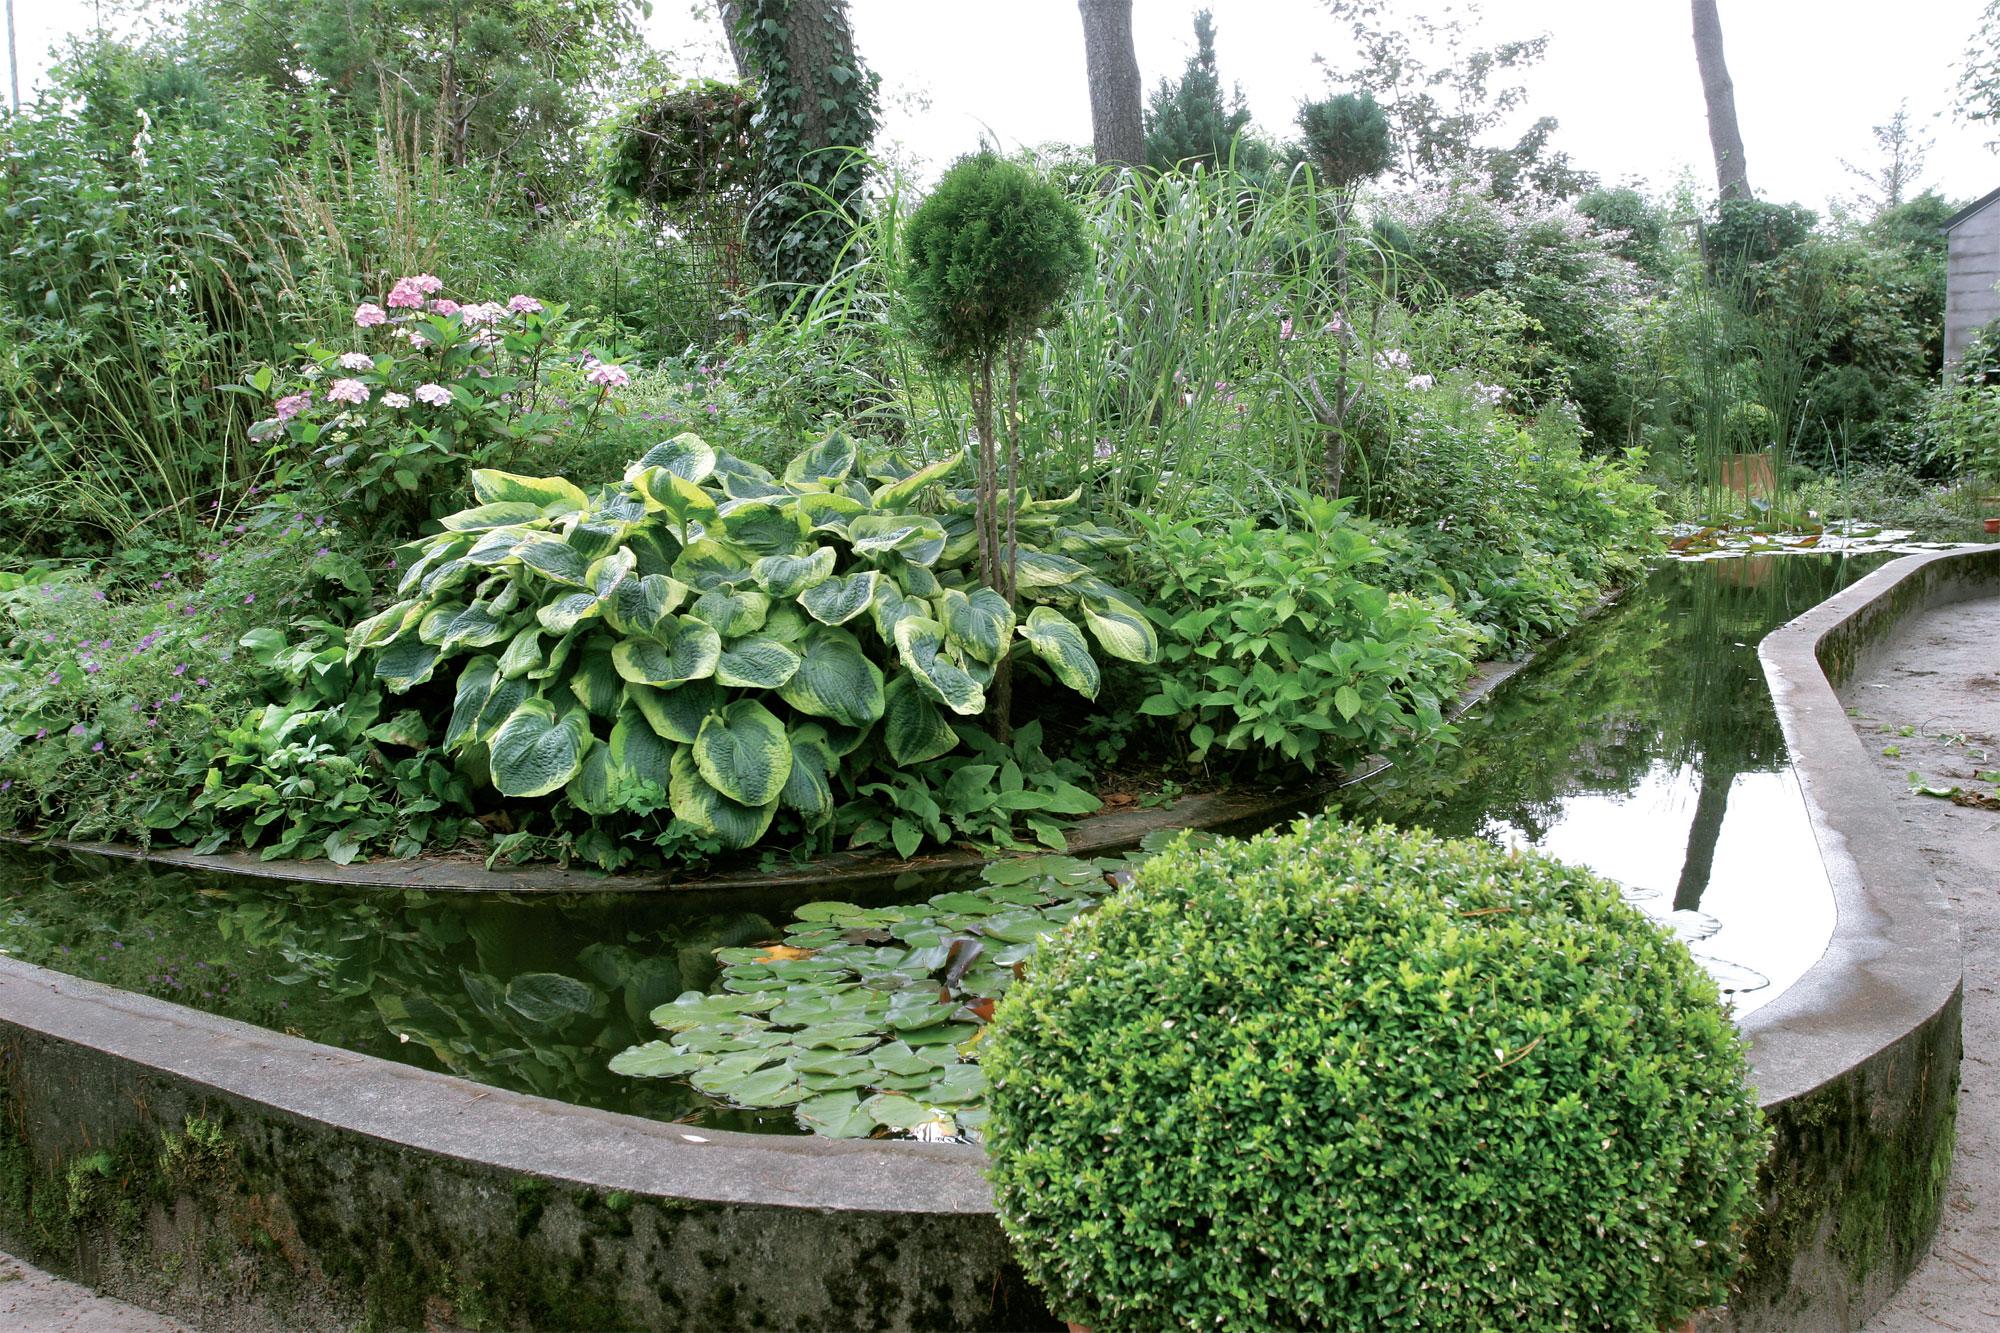 Piha-altaan taustalla Iris-kumpareen kasvillisuus levittäytyy rehevänä ja monimuotoisena. Altaaseen ohjattua sadevettä käytetään kuivina aikoina kasteluun.